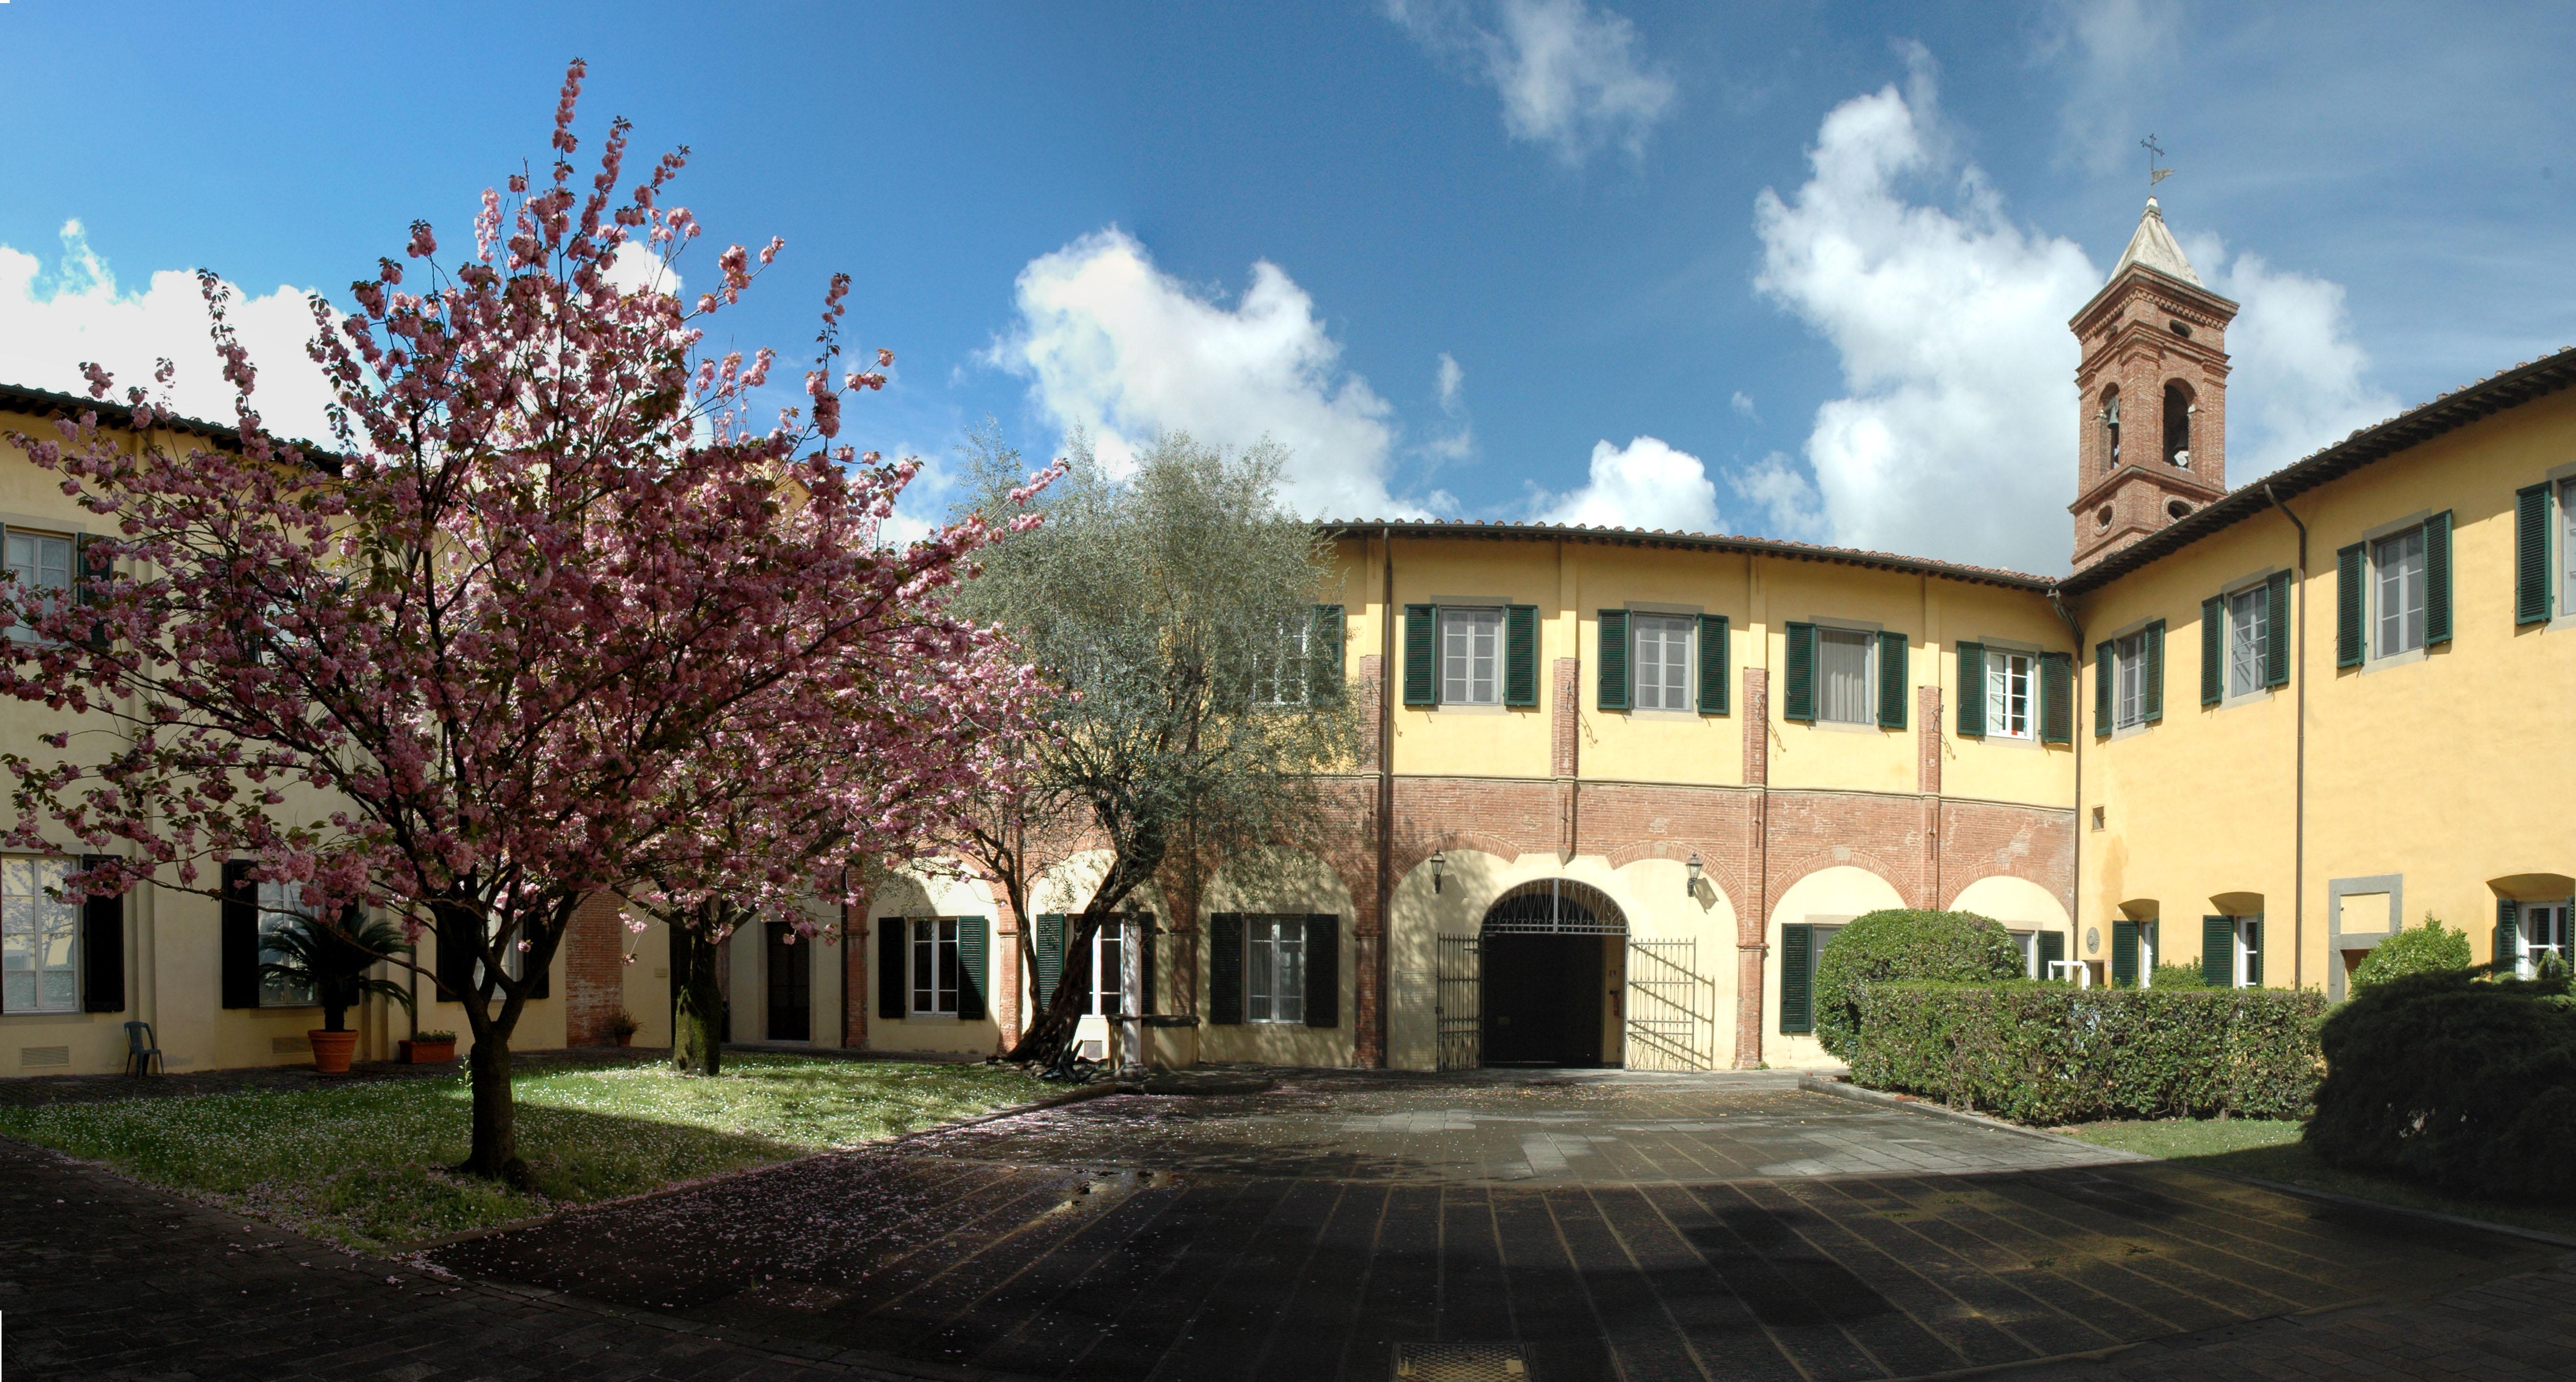 Αποτέλεσμα εικόνας για Scuola Superiore Sant'Anna